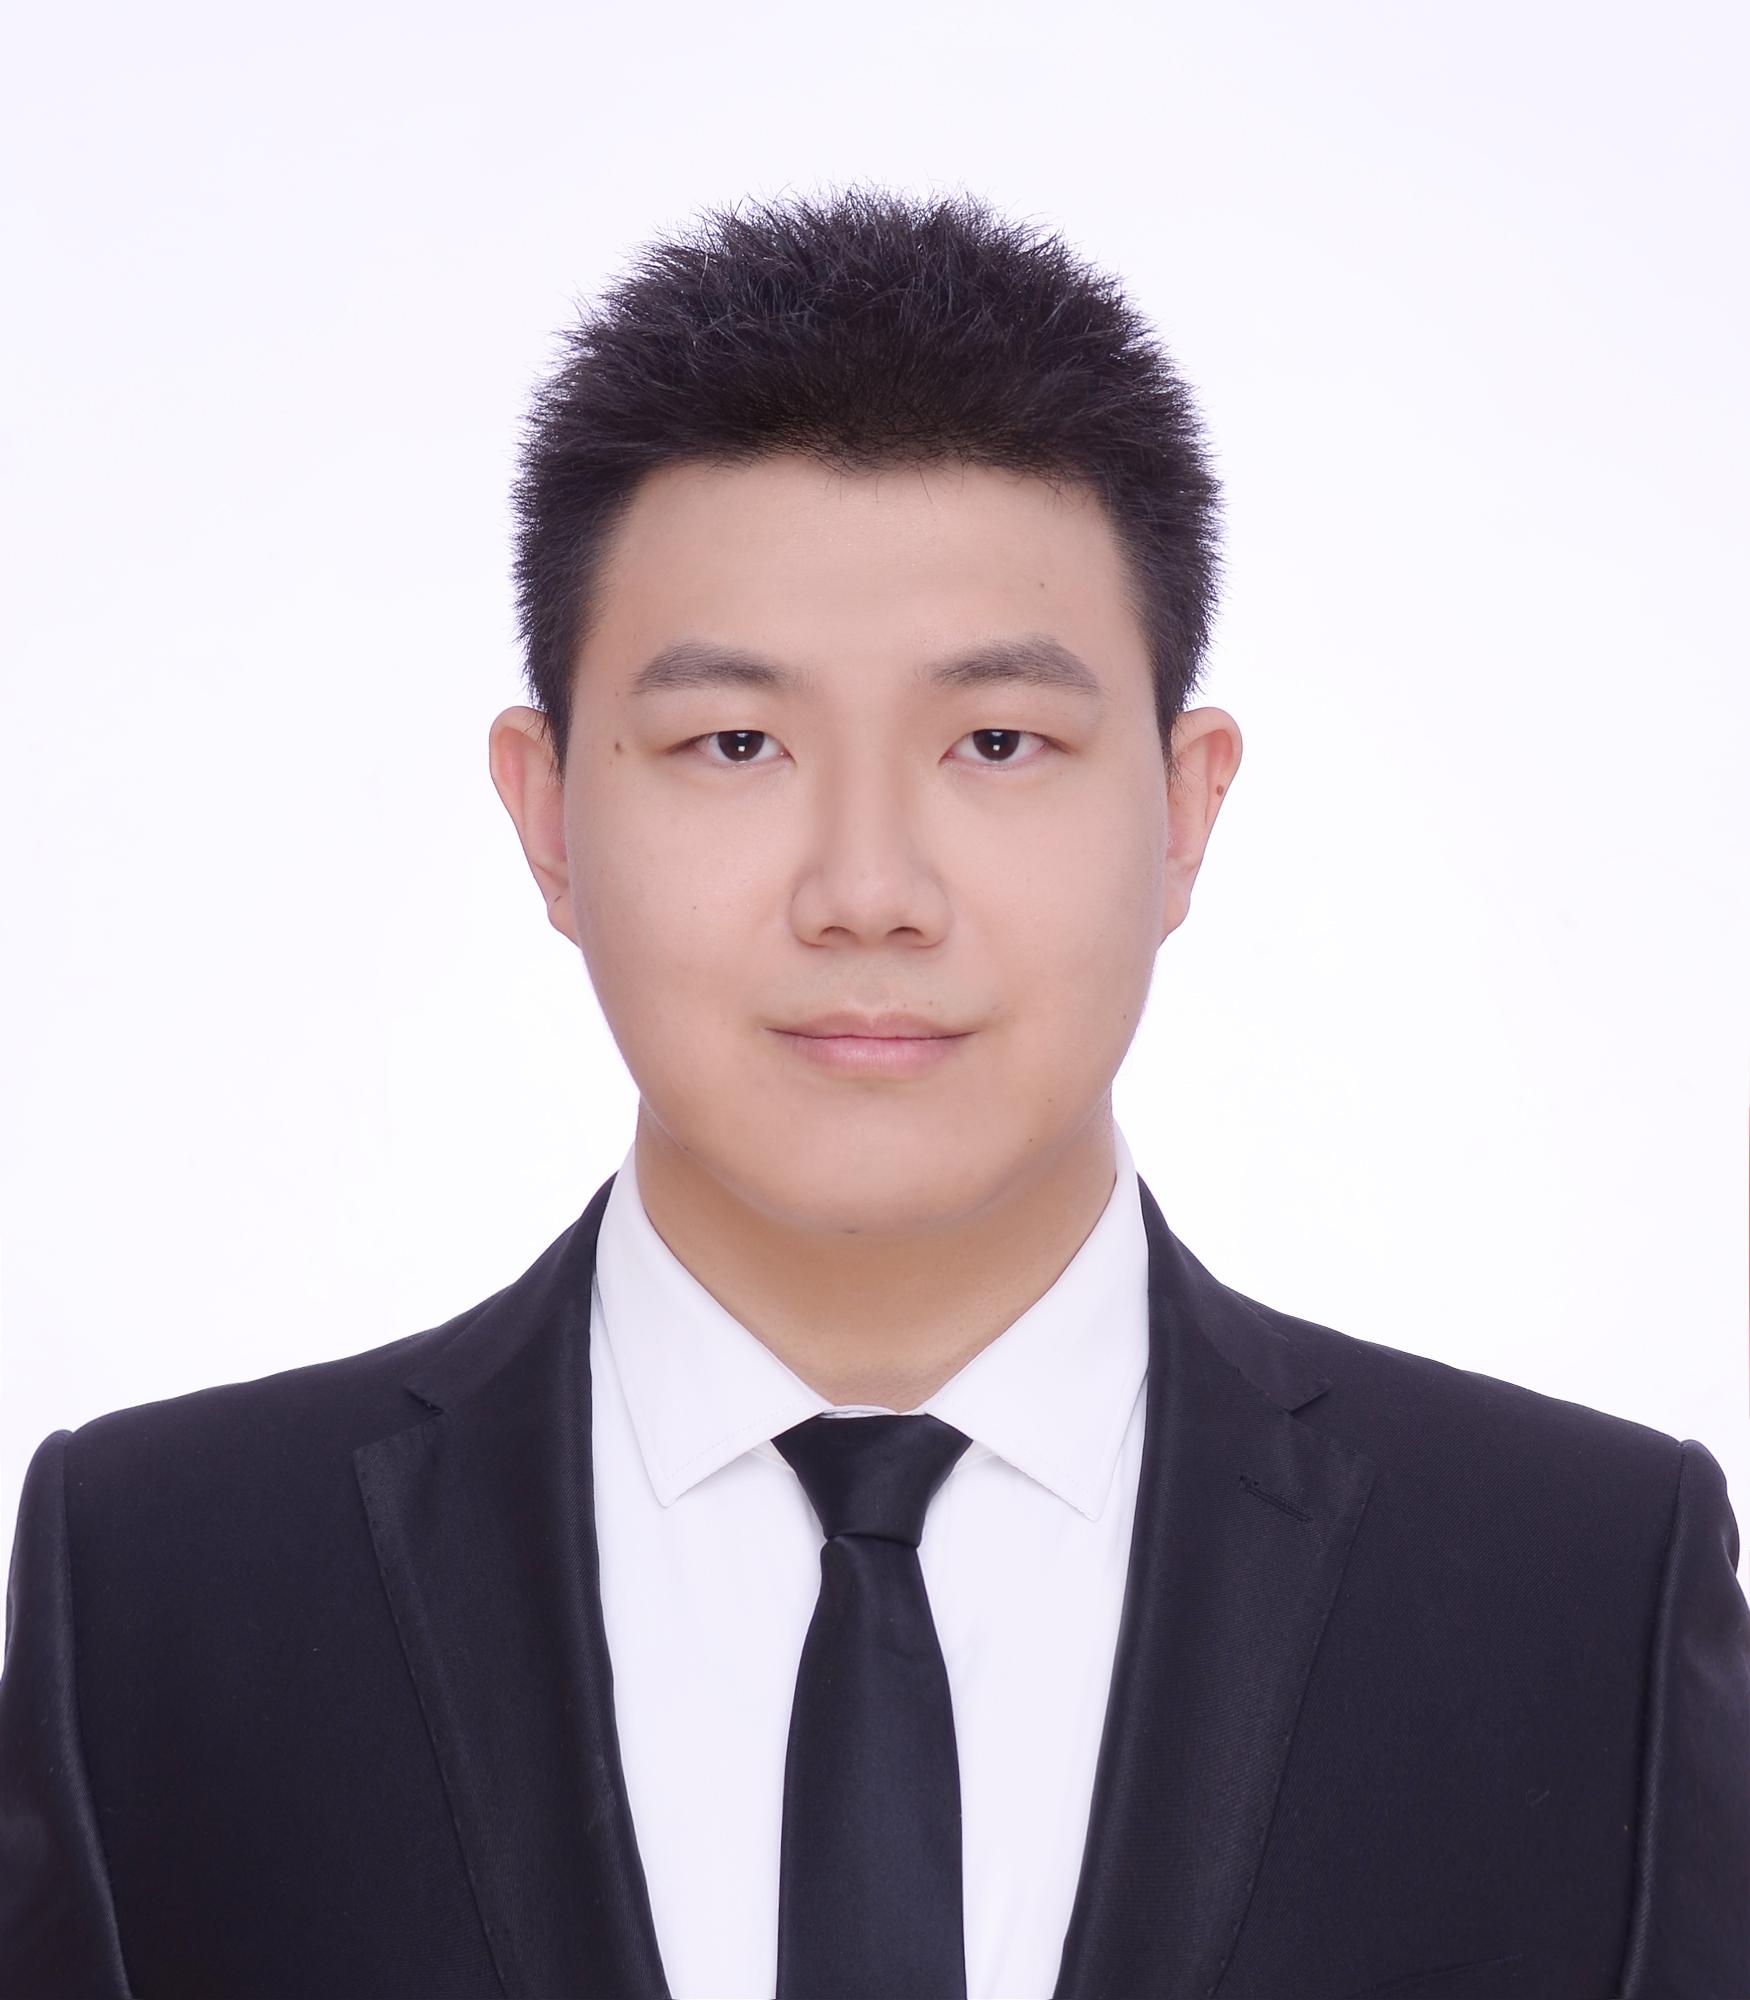 Haonan Zhao